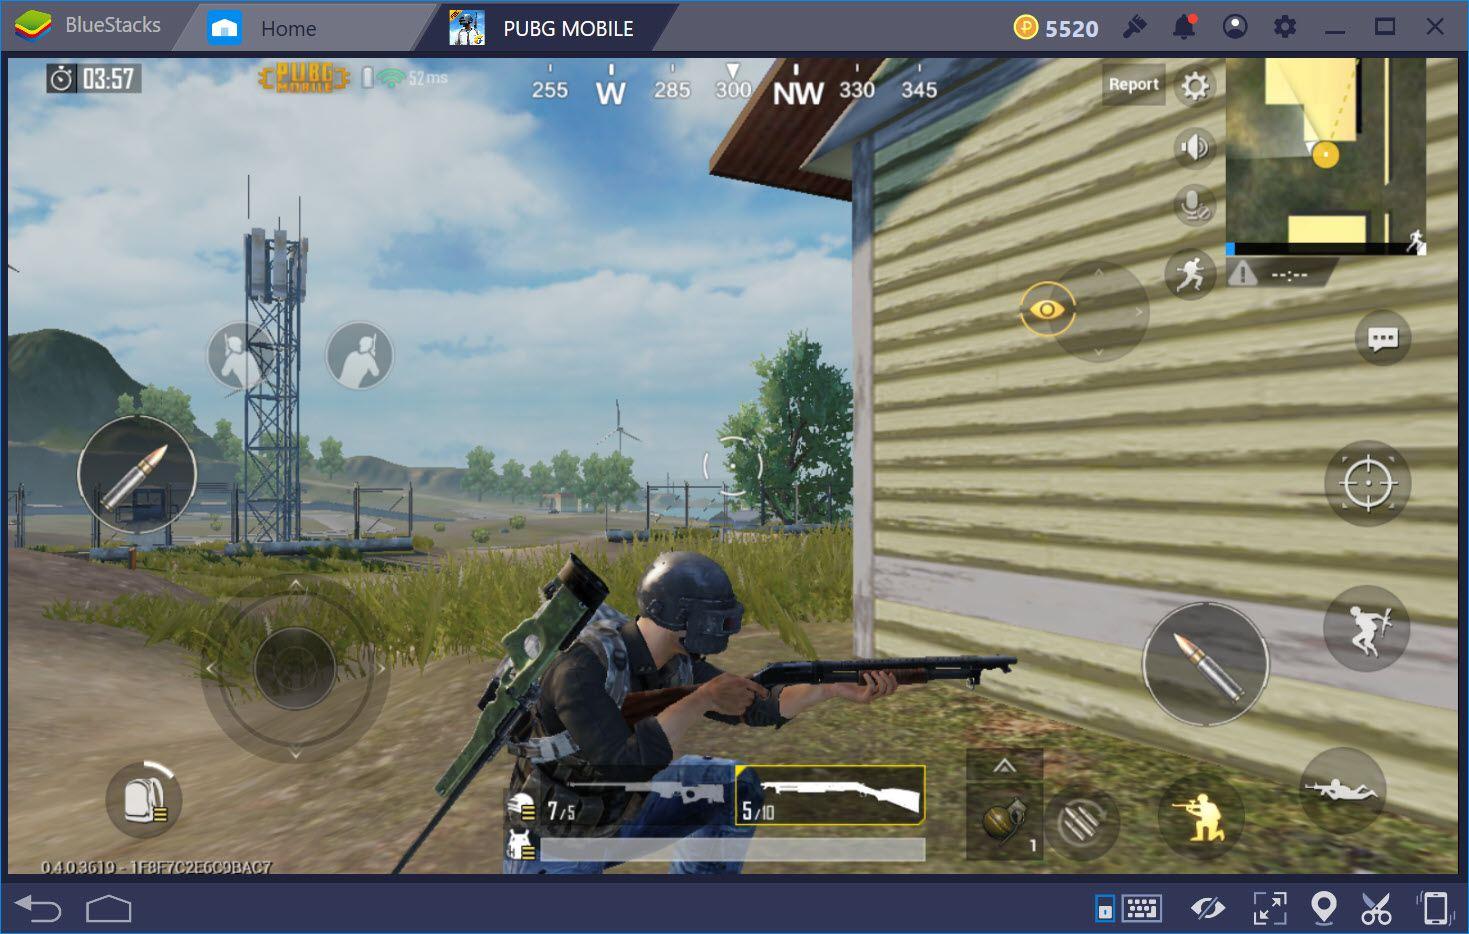 Vũ khí công nhà hiệu quả trong PUBG Mobile